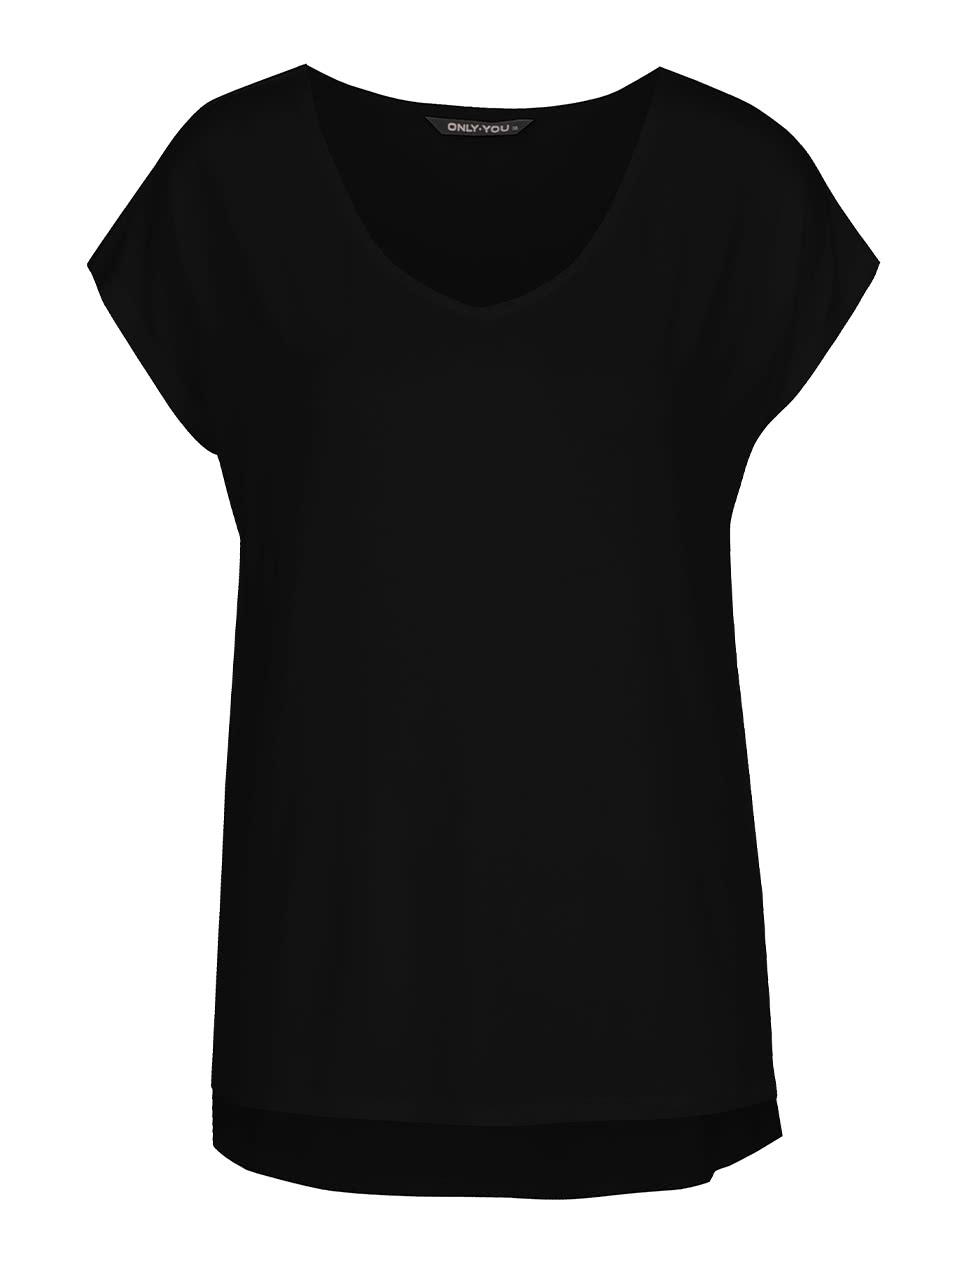 3430a88c4b5 Černé tričko s krátkým rukávem ONLY Prime